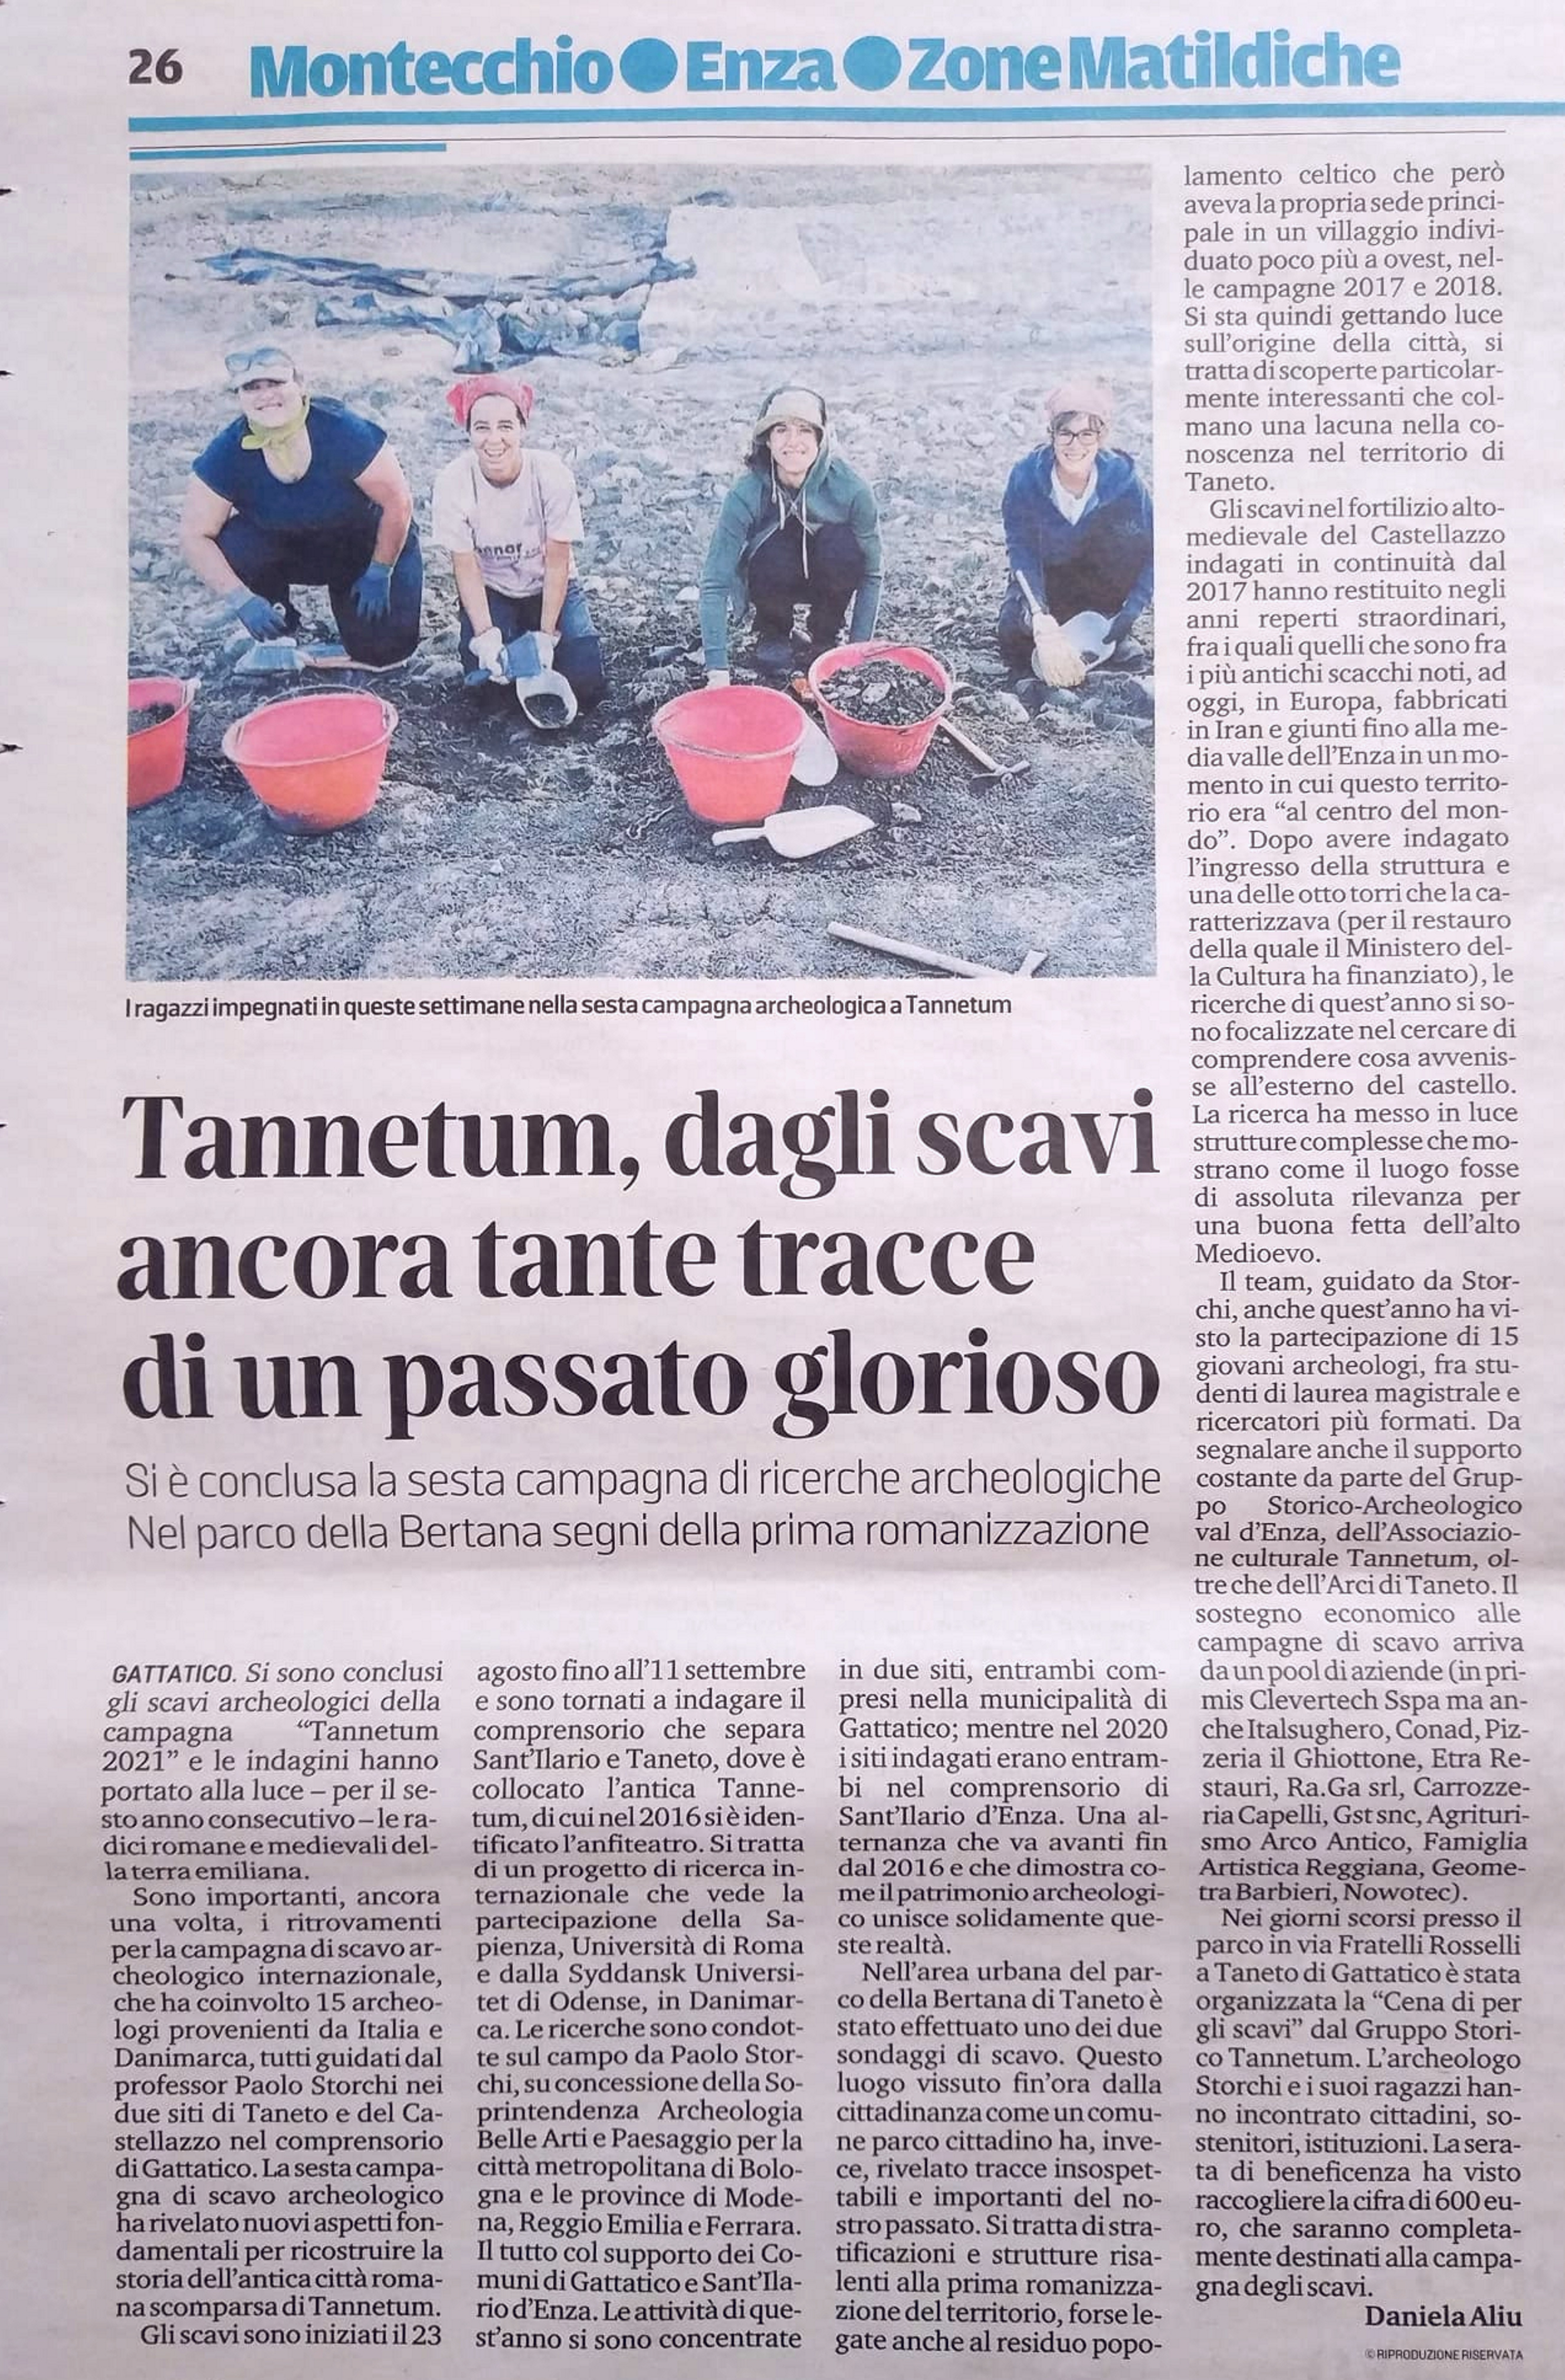 Gazzetta di Reggio 14-9-2021